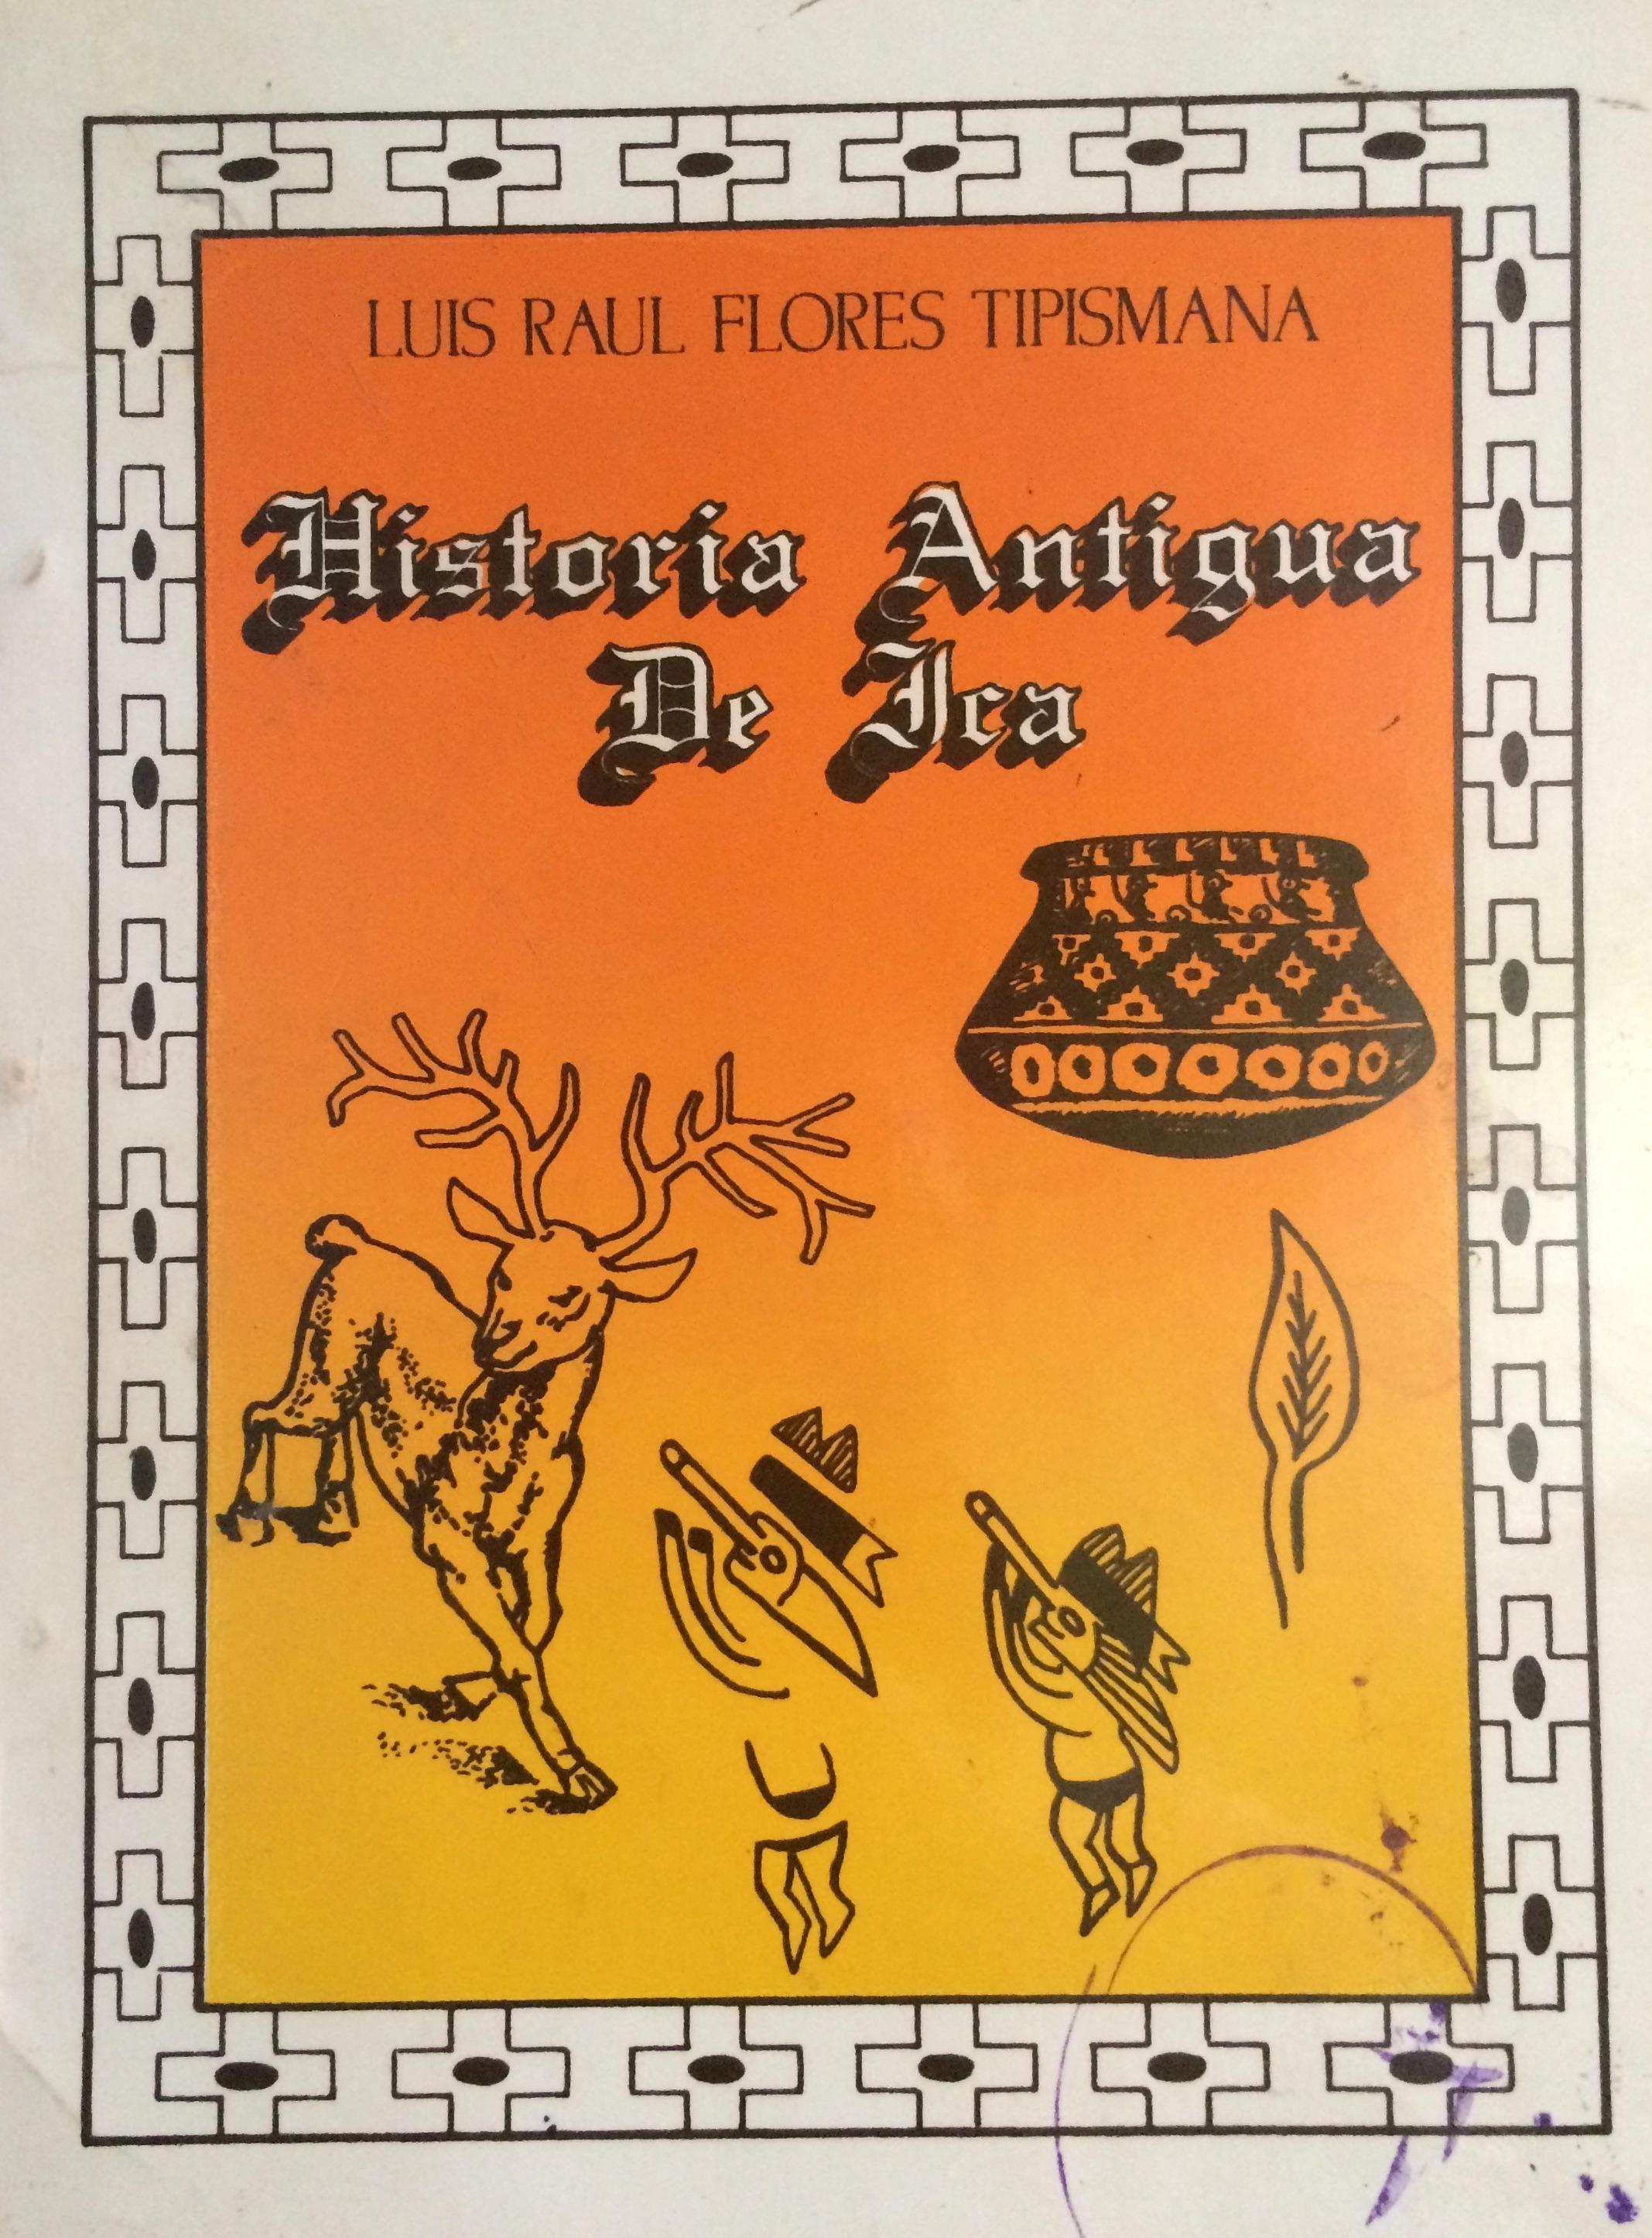 Historia Antigua de Ica  by  Luis Raul Flores Tipismana